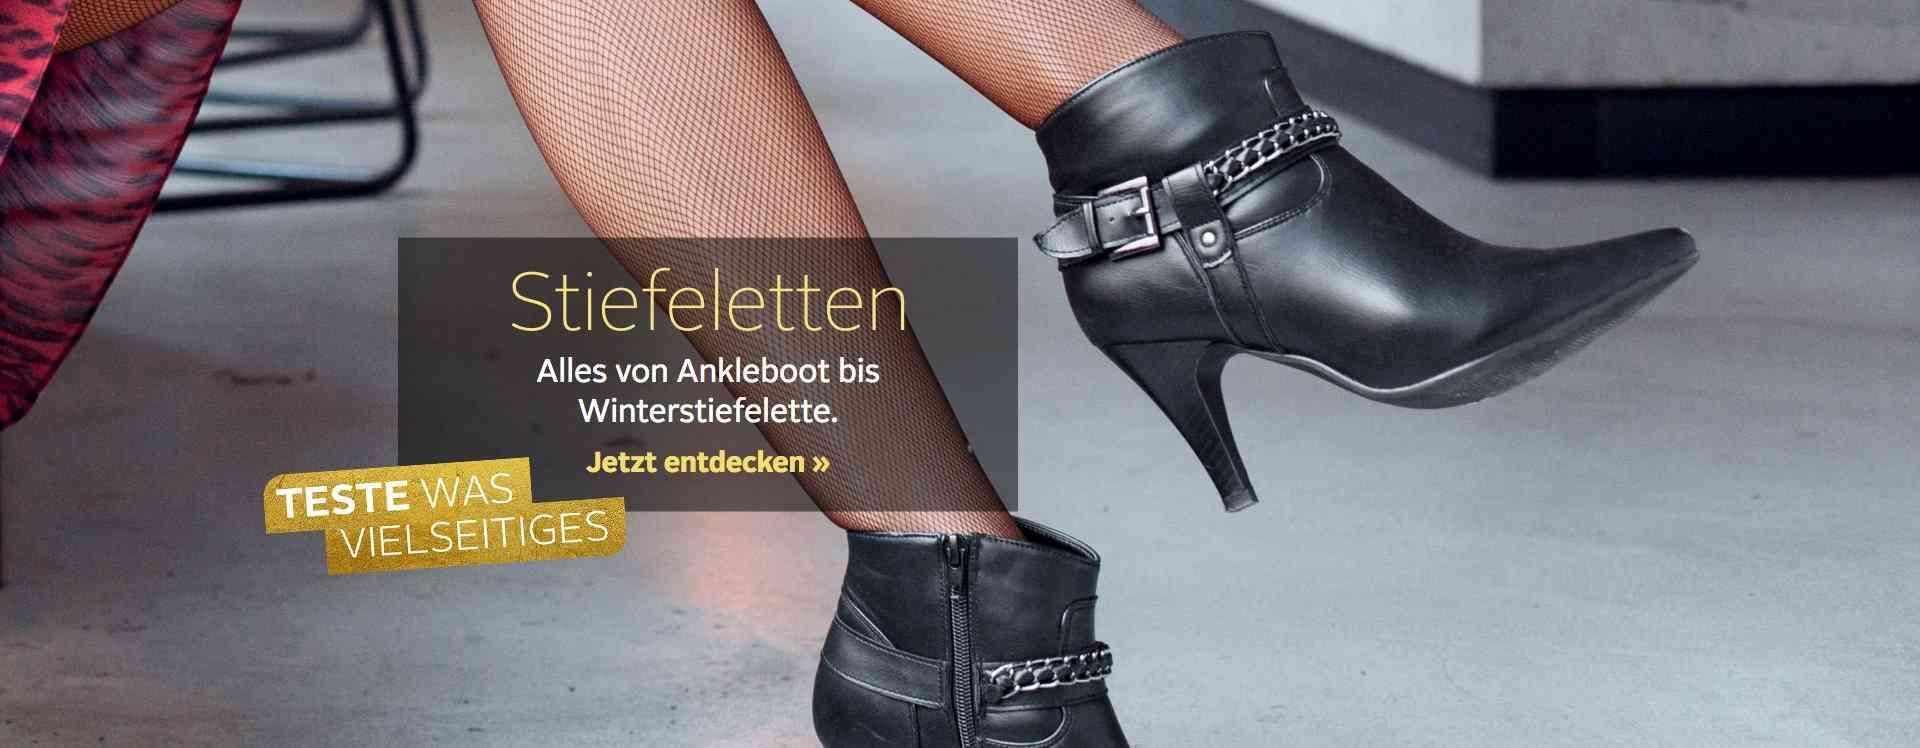 Stiefeletten-Vielfalt: Von elegant bis vintage, von gewagt bis sportlich- hier finden Sie die riesige Stiefeletten-Auswahl von OTTO.